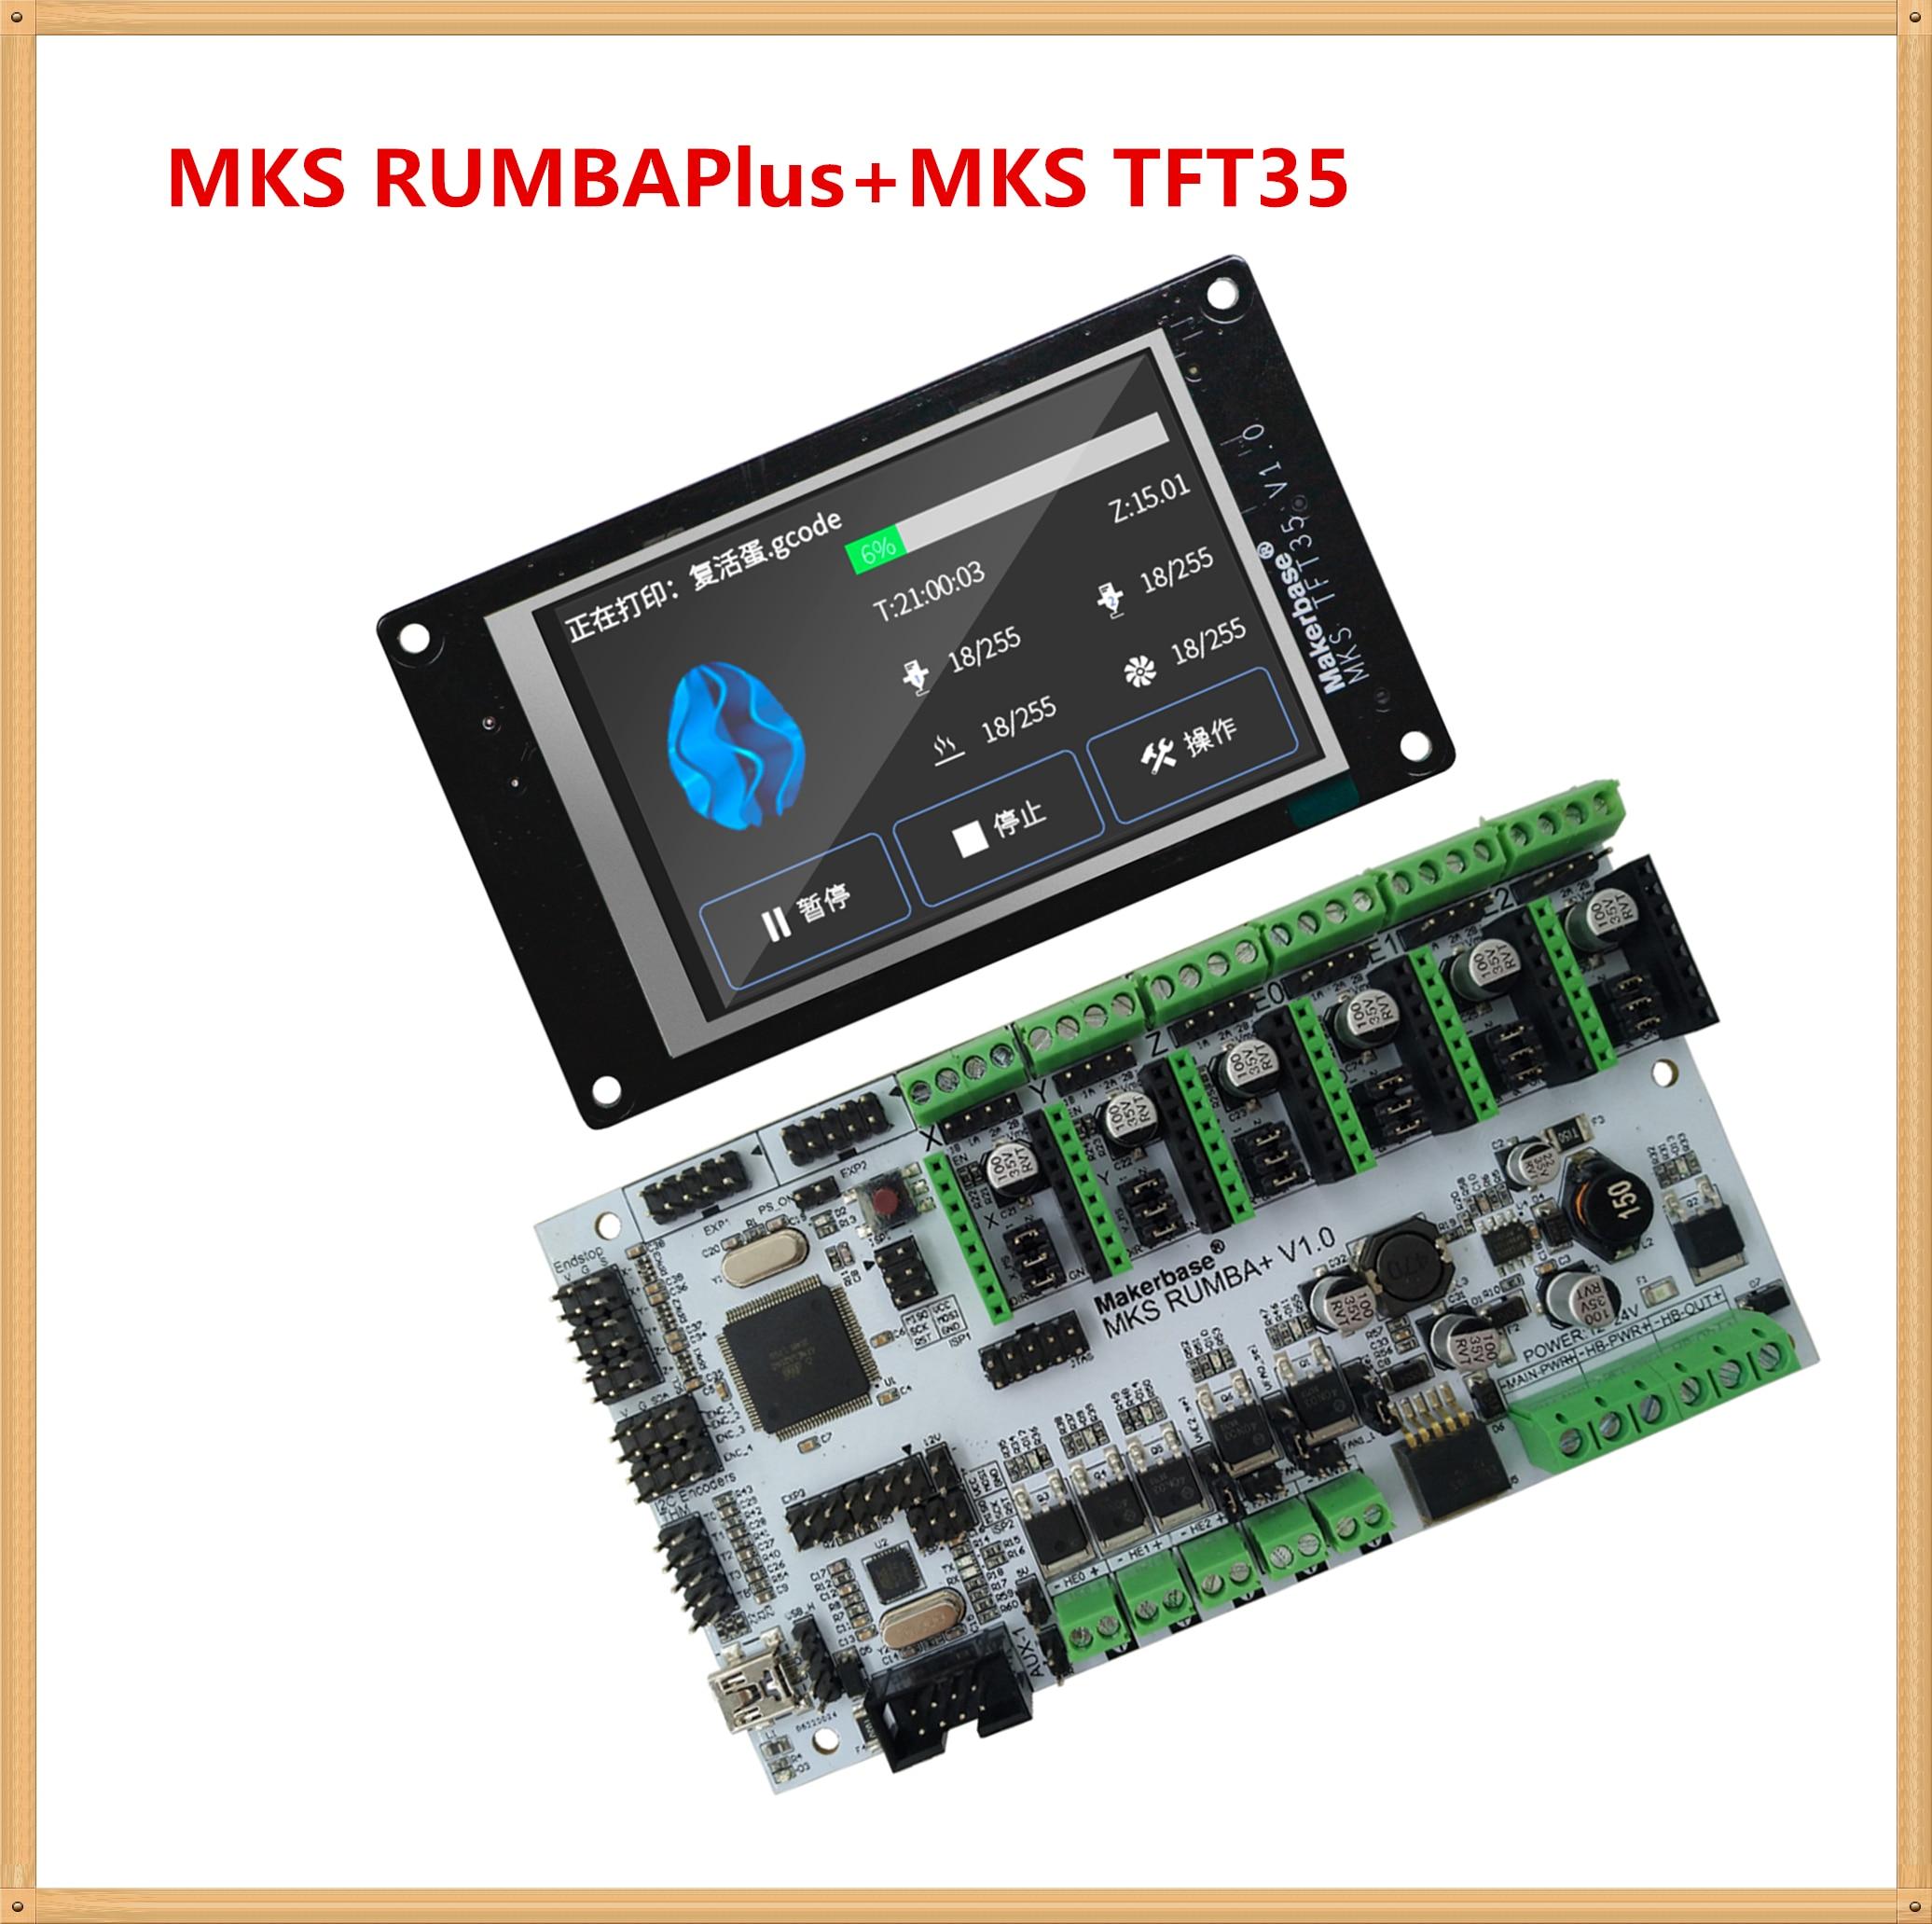 3d imprimante affichage MKS TFT35 écran tactile + MKS RumbaPlus mère carte FDM imprimante bricolage kit de contrôle Rumba Plus TFT 3.5 LCD